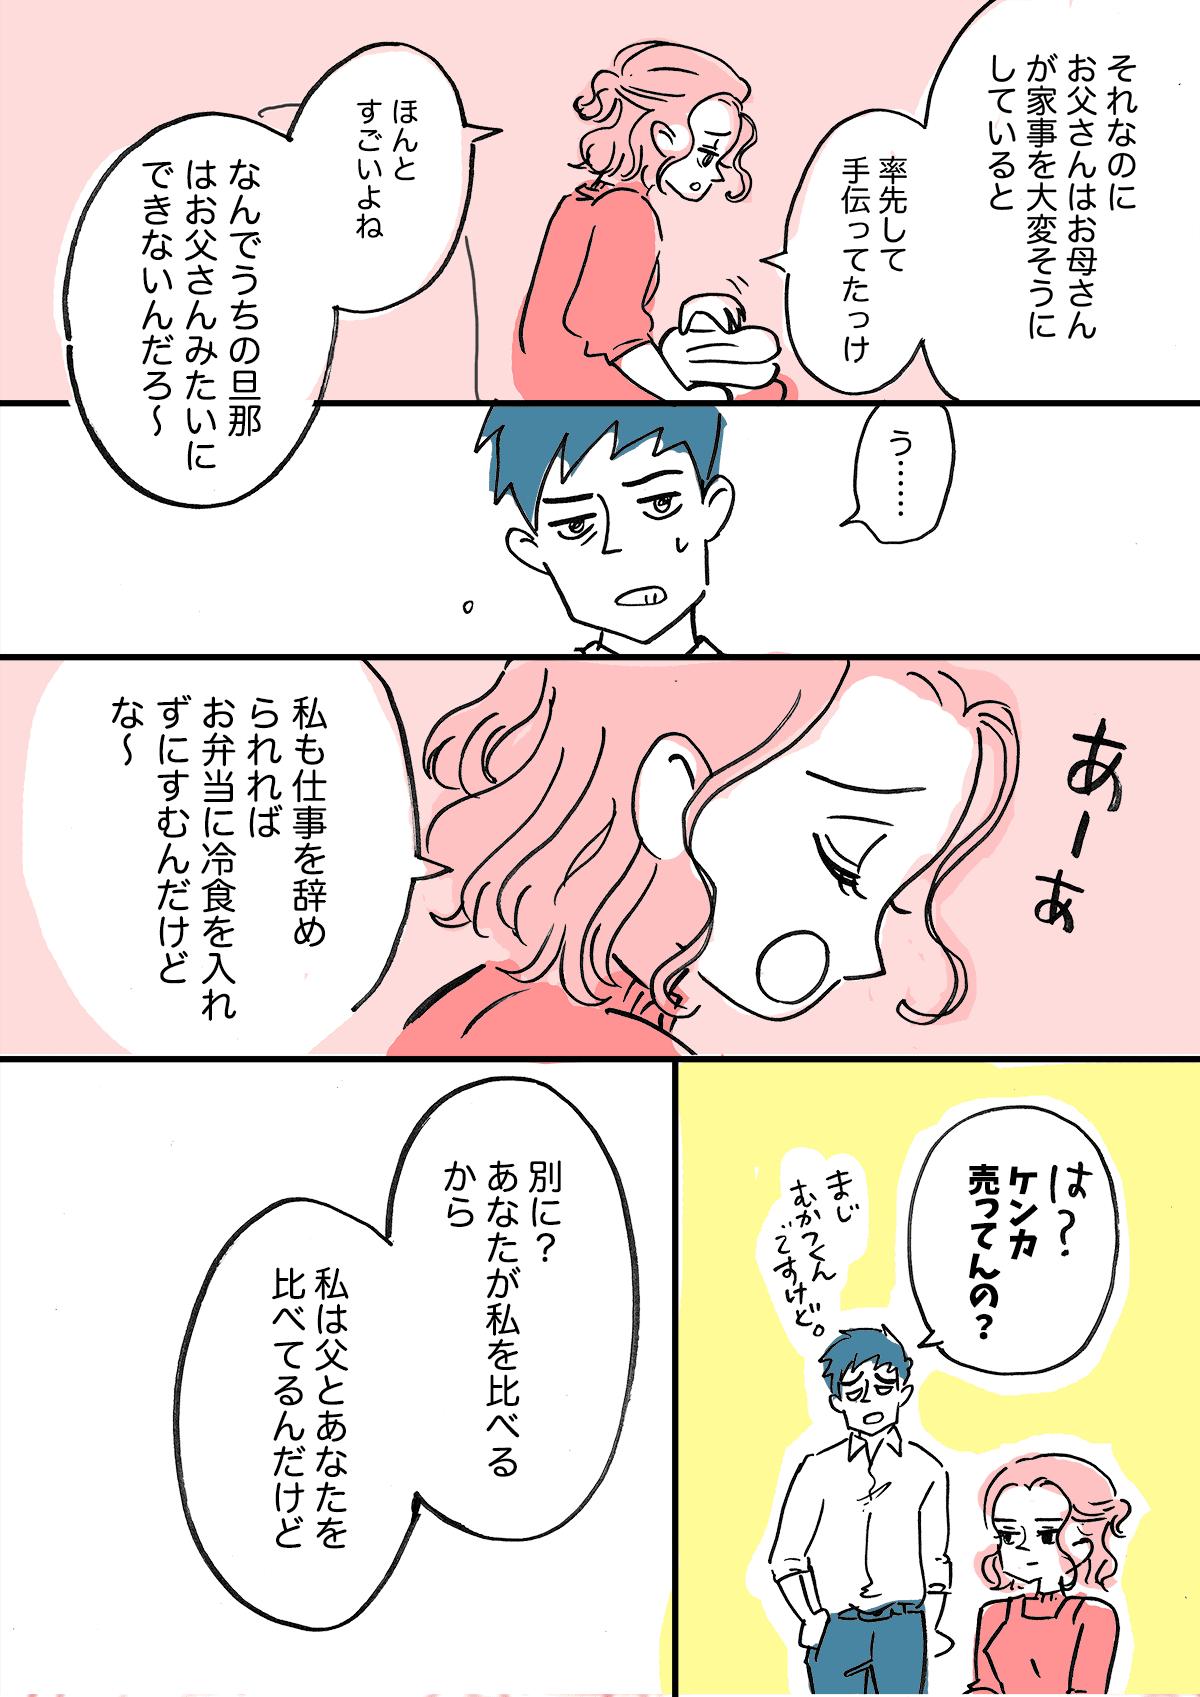 【後編】義母と旦那から大ブーイング!